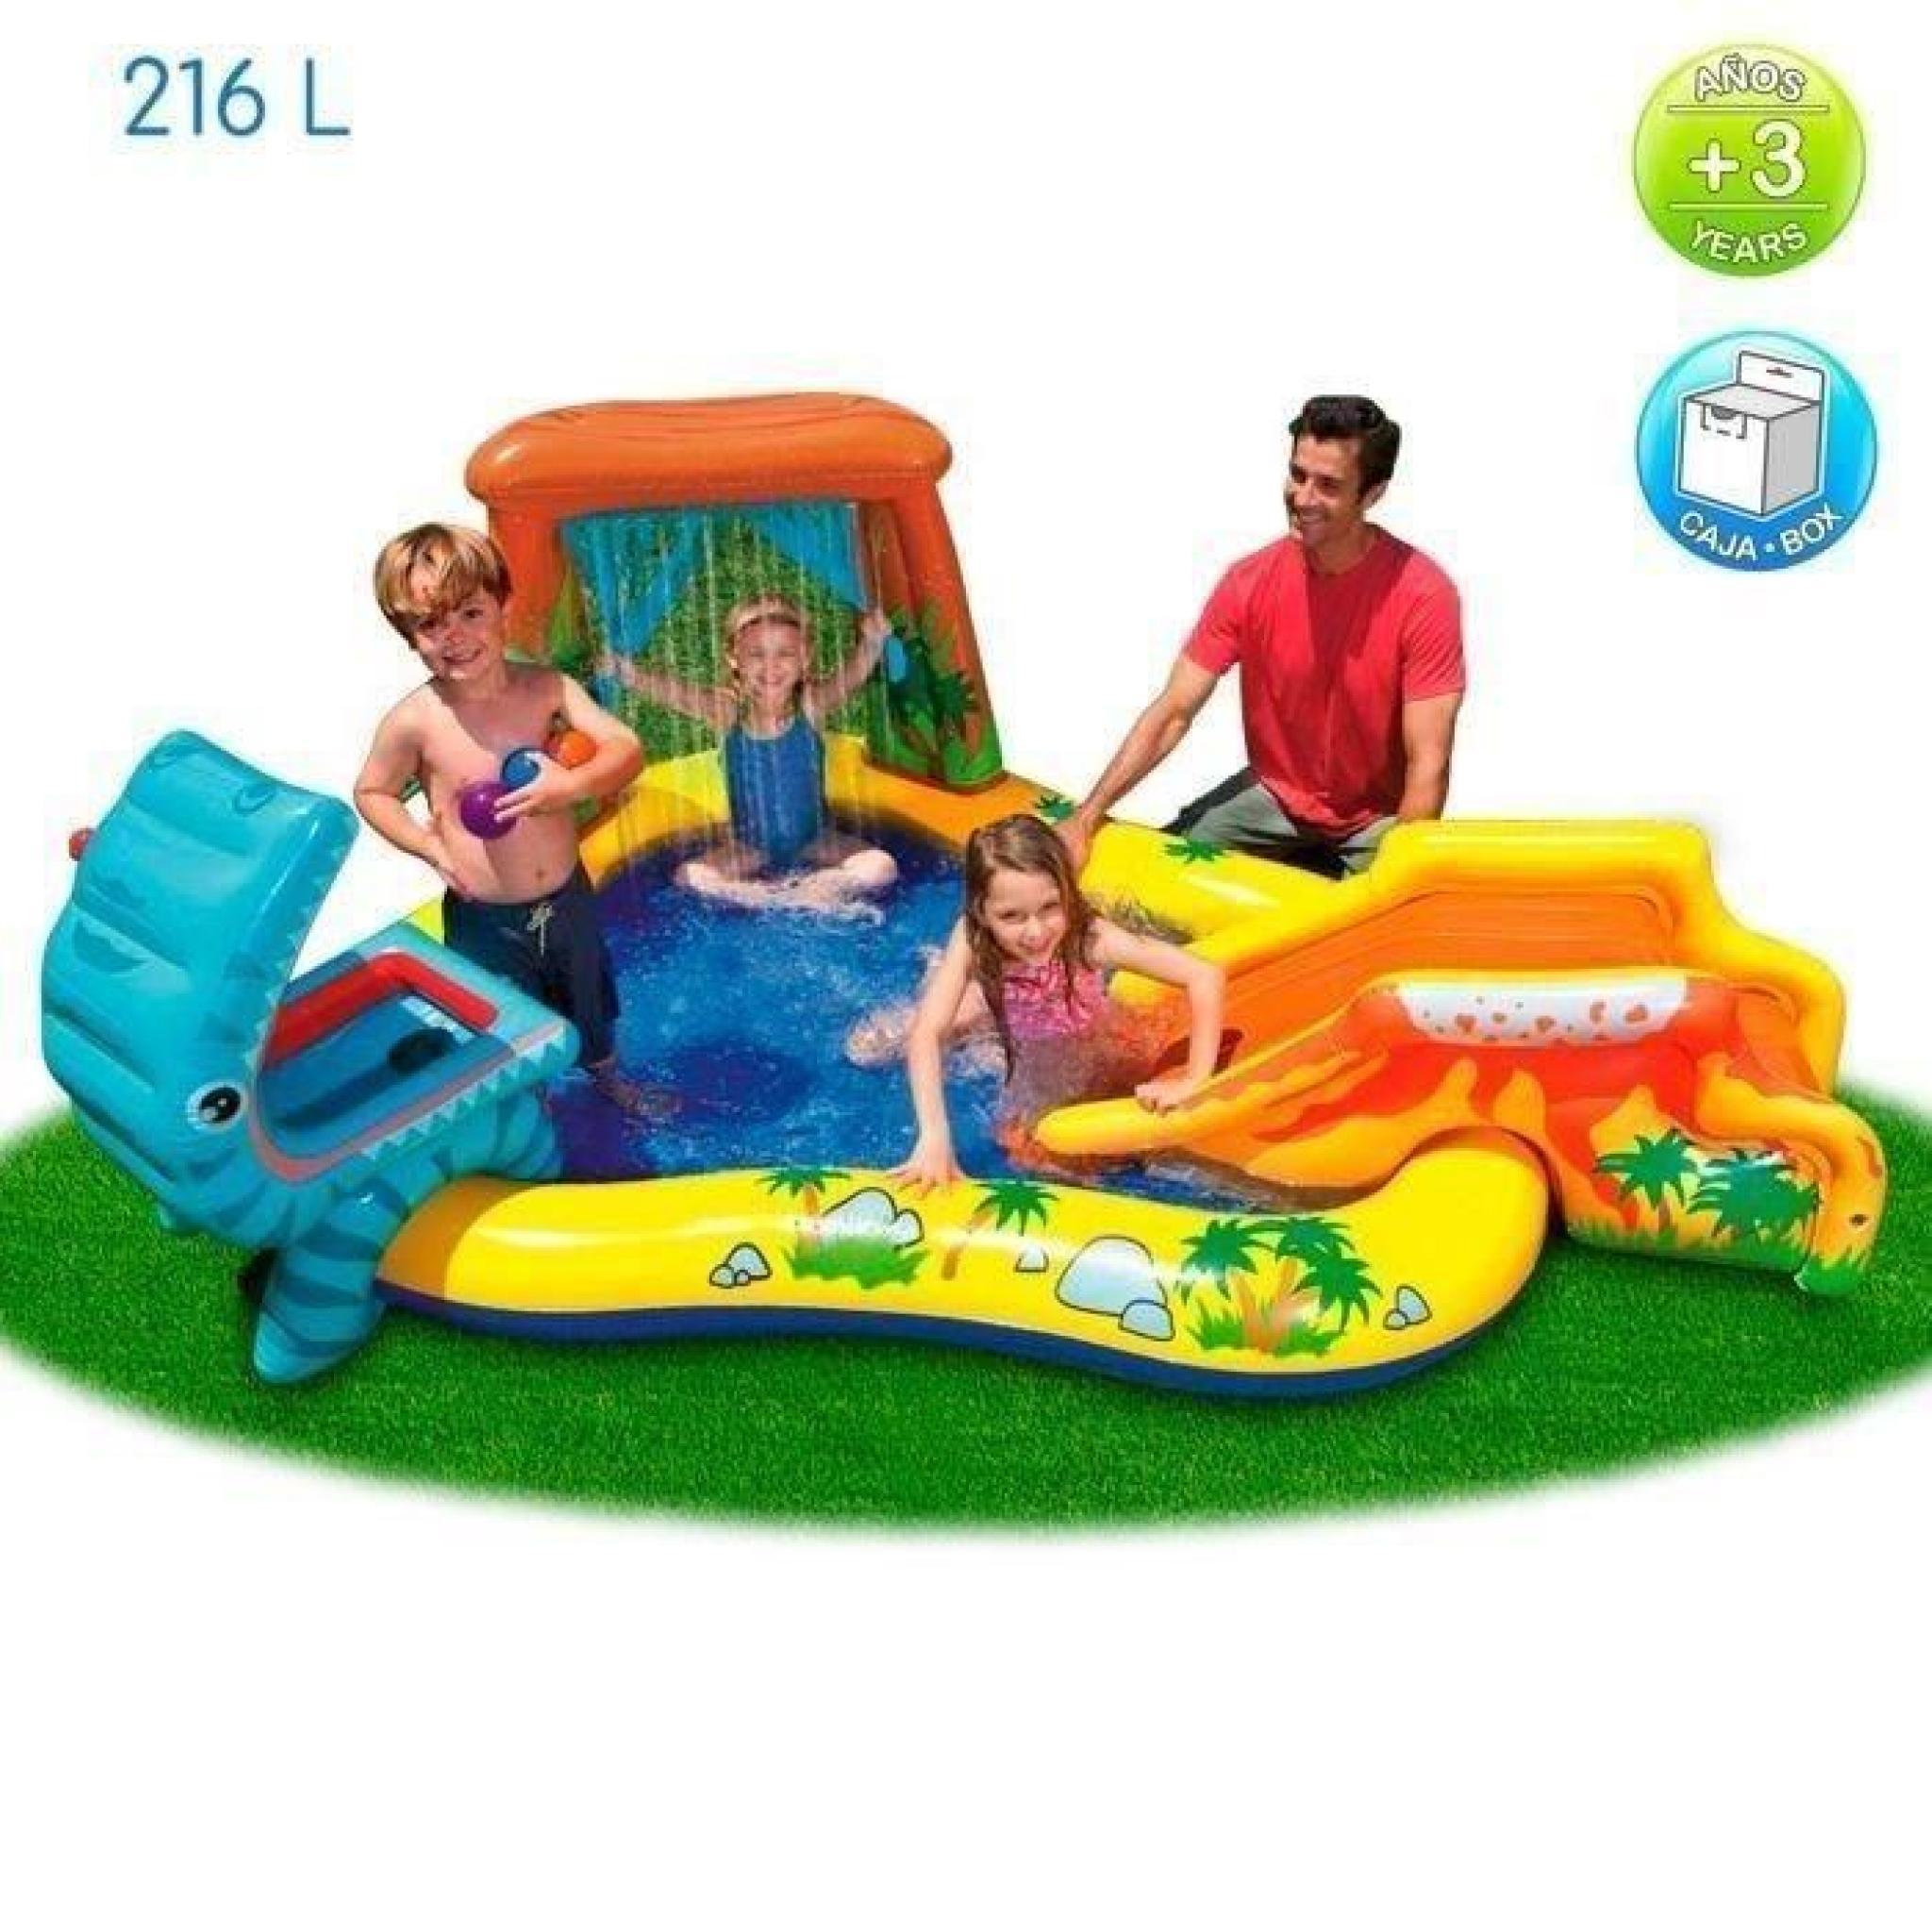 Intex Piscine Gonflable Enfant / Aire De Jeux Aquatique 297 X 193 X 135 Cm  Rainbow Avec Toboggan, Sprayer, Anneaux Gonflables Et Bal pour Piscine Enfant Pas Cher